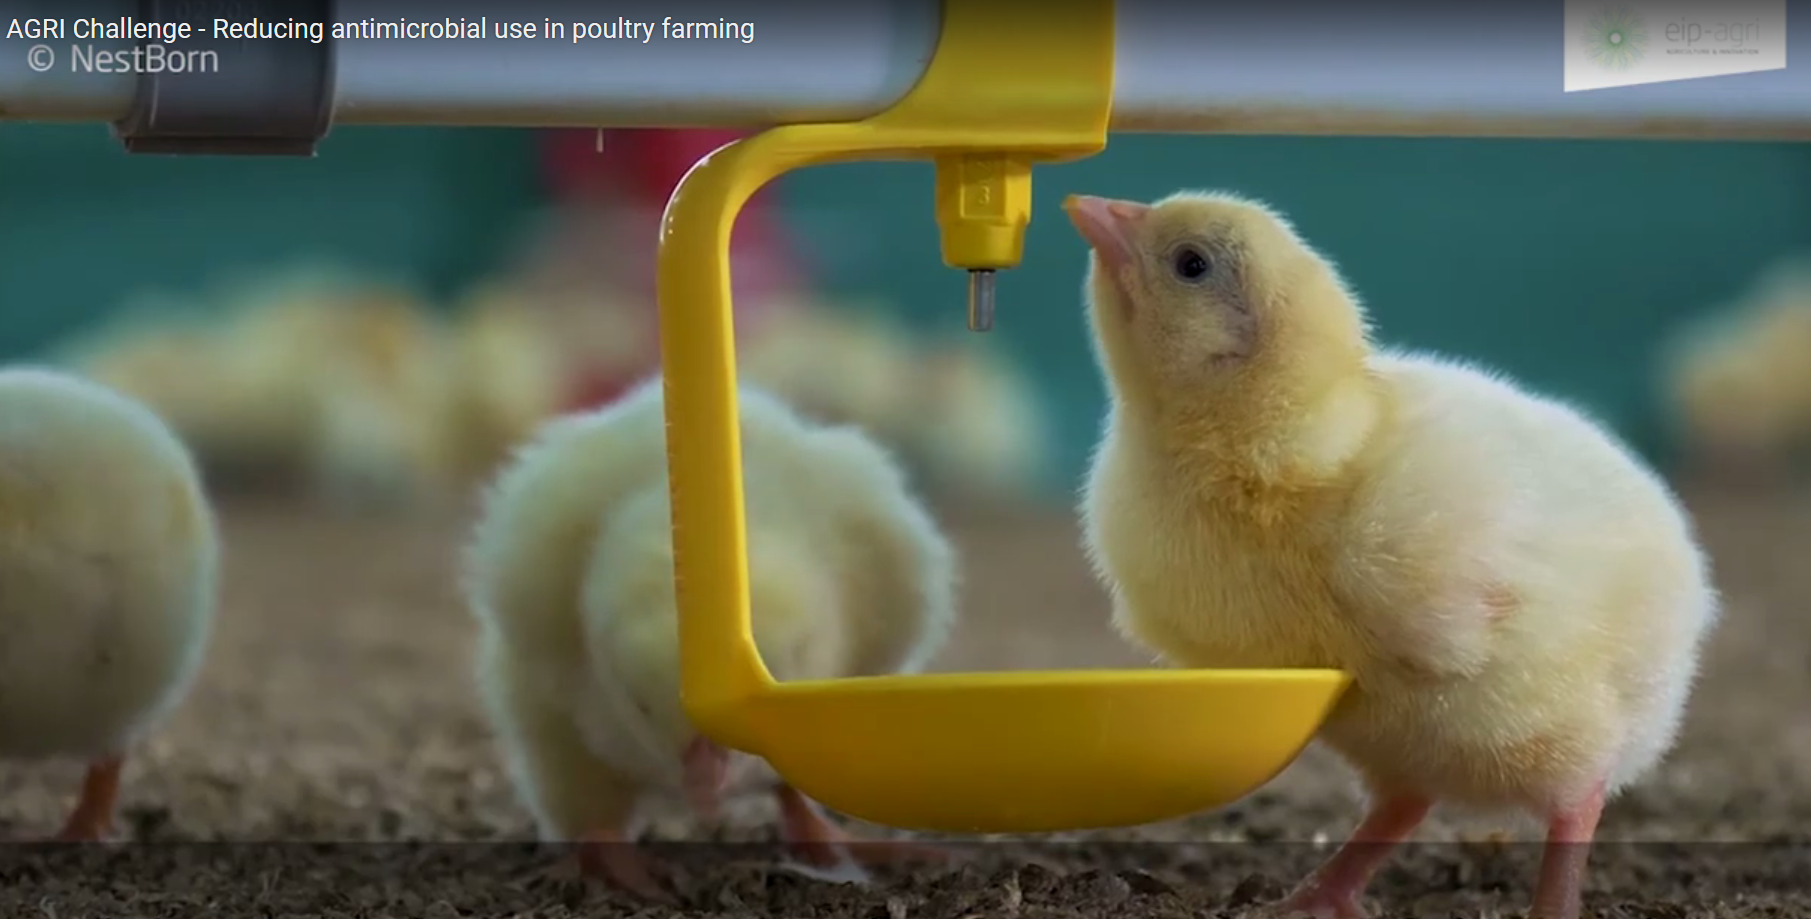 Вдъхновяваща идея от ЕПИ АГРИ: Излюпването във фермата подобрява благосъстоянието и здравето на пилетата бройлери